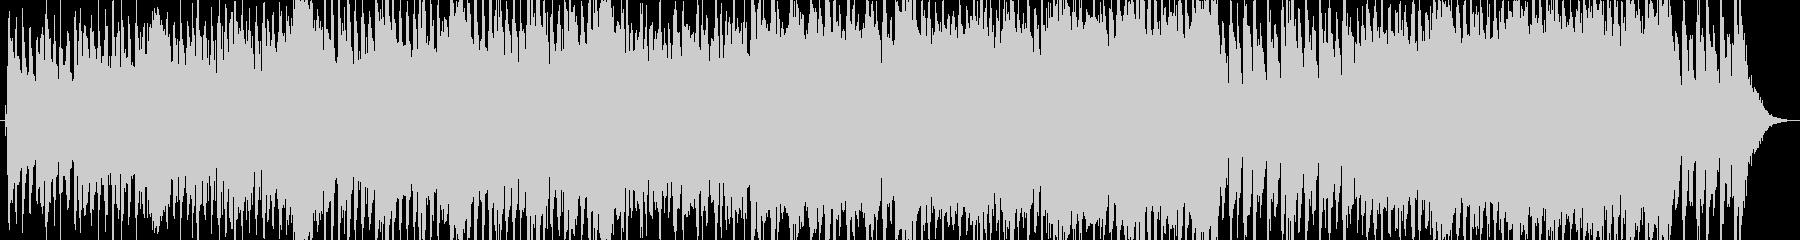 オーケストラ壮大系戦闘BGM38の未再生の波形